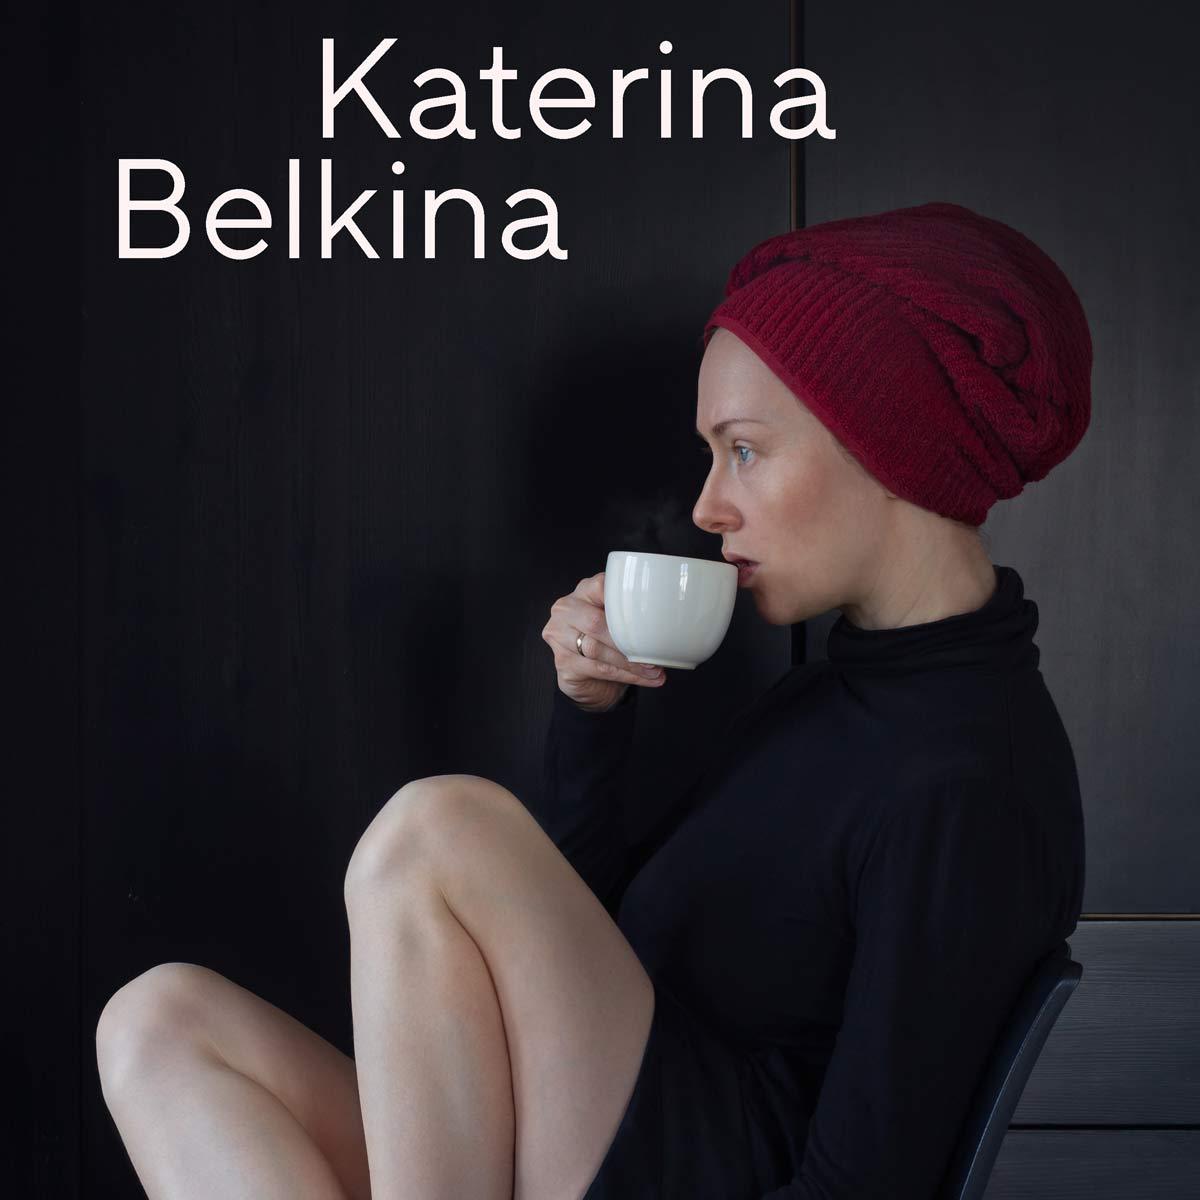 Bildband Katerina Belkina – Fotografie verschmilzt mit digitaler Malerei